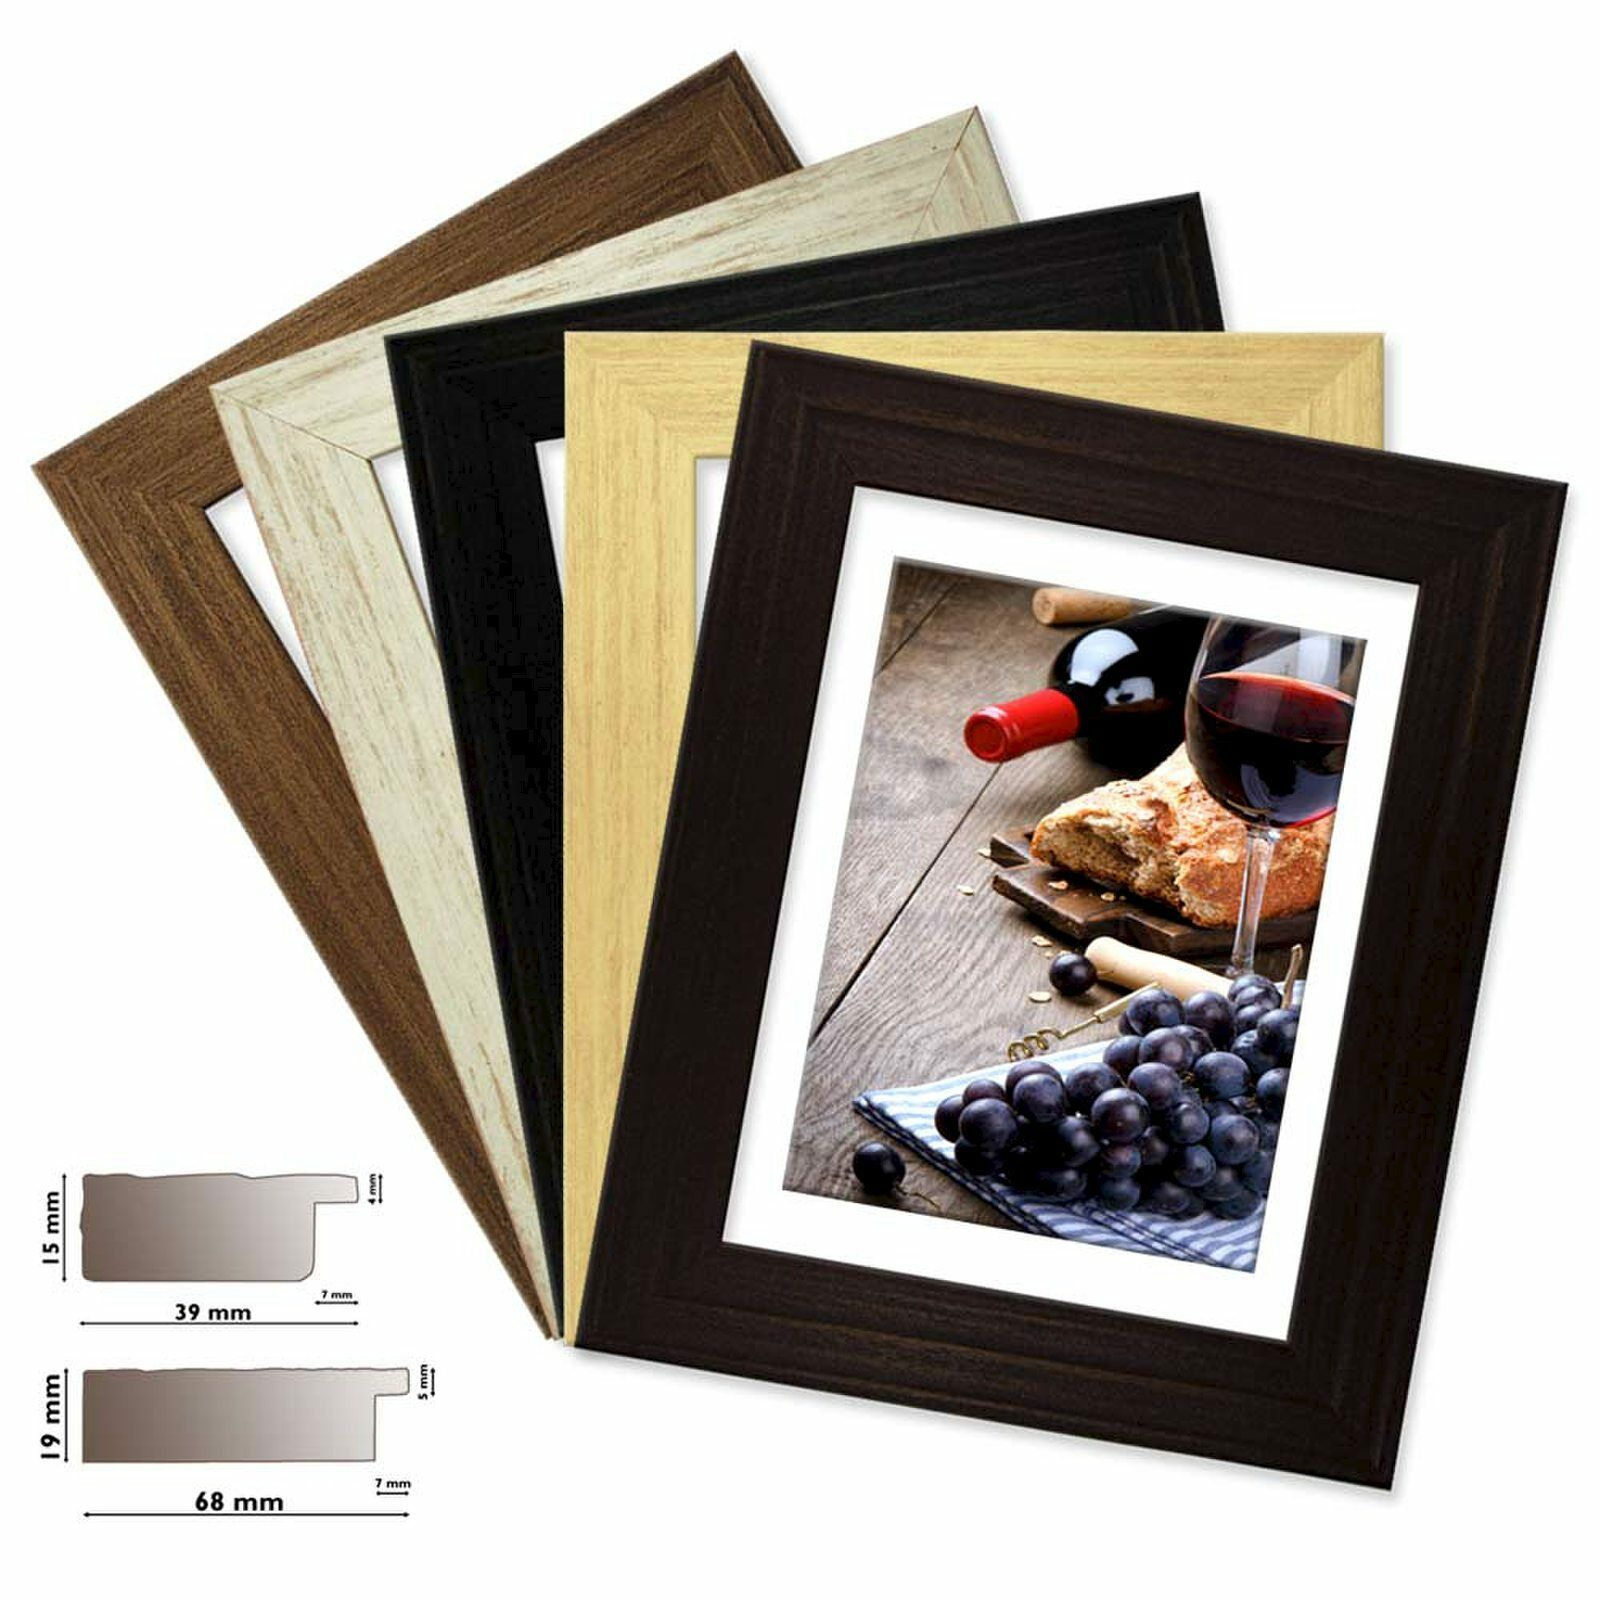 Cornice di legno Coloreeado  in 5 5 5 Coloreeei,opaco fa9bab